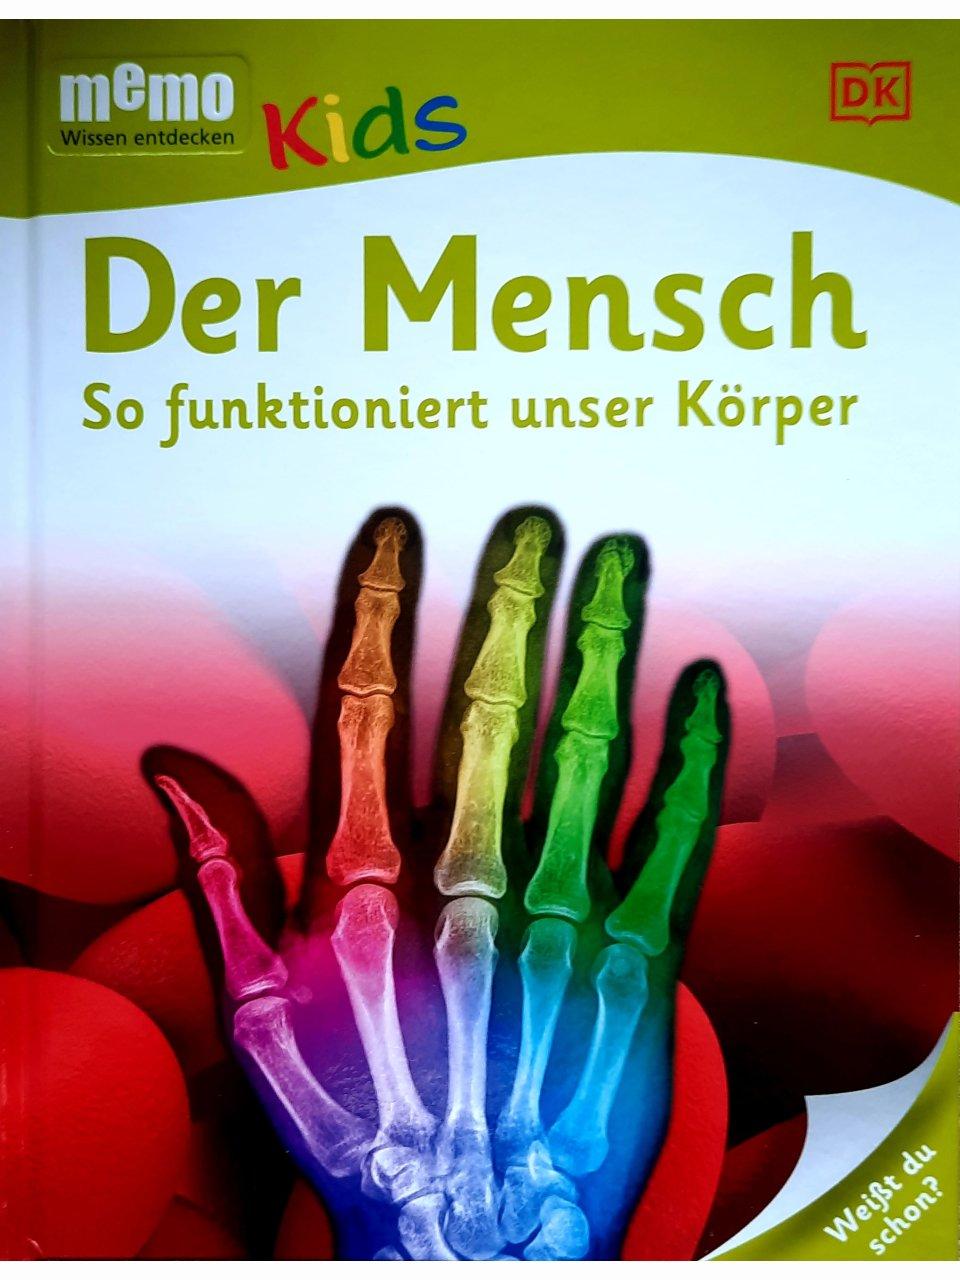 memo Kids - Der Mensch